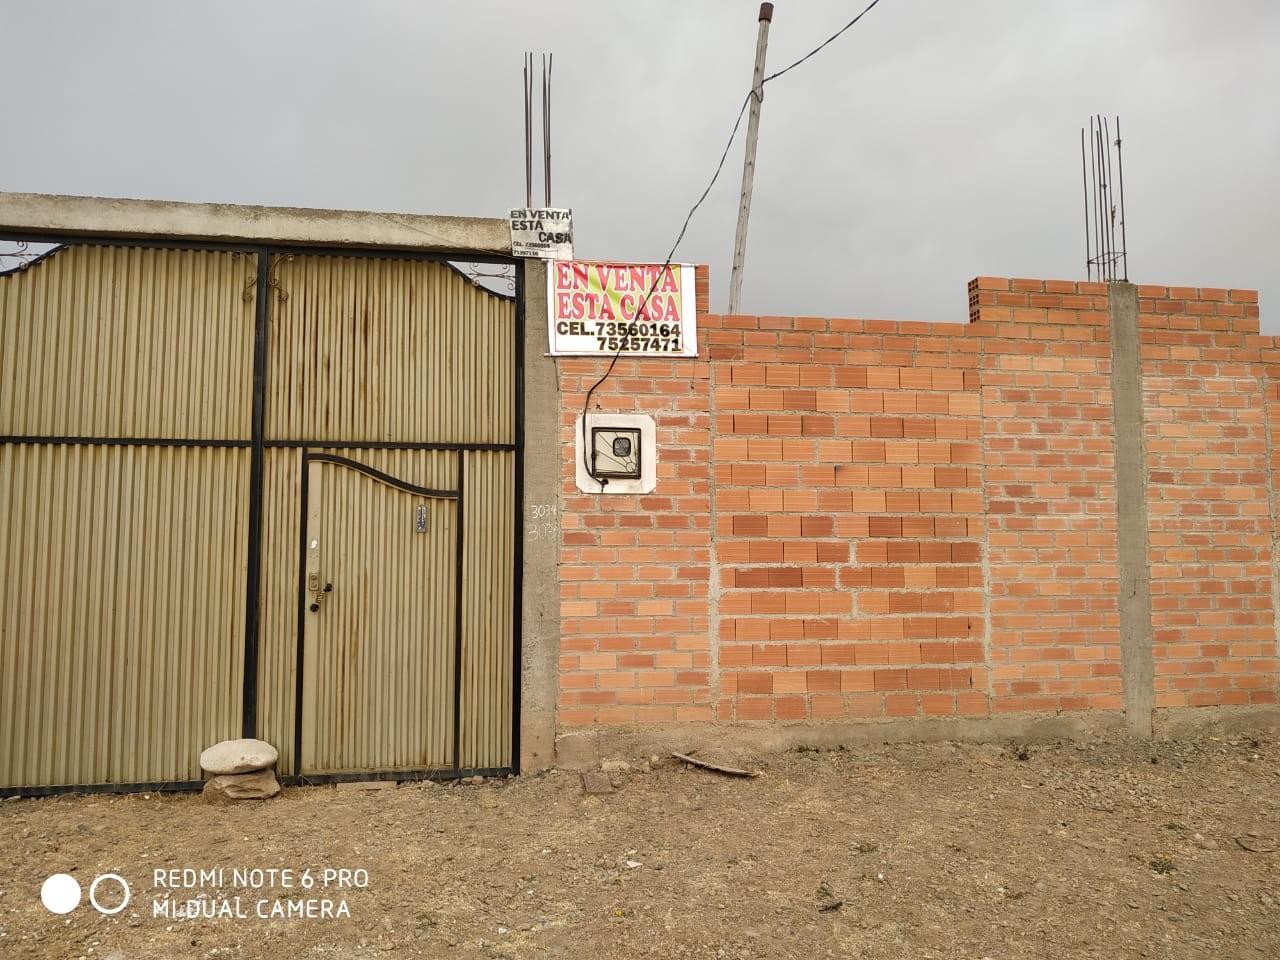 Casa en Venta Av cesar Valdés y Av. Chaiñapata Foto 1